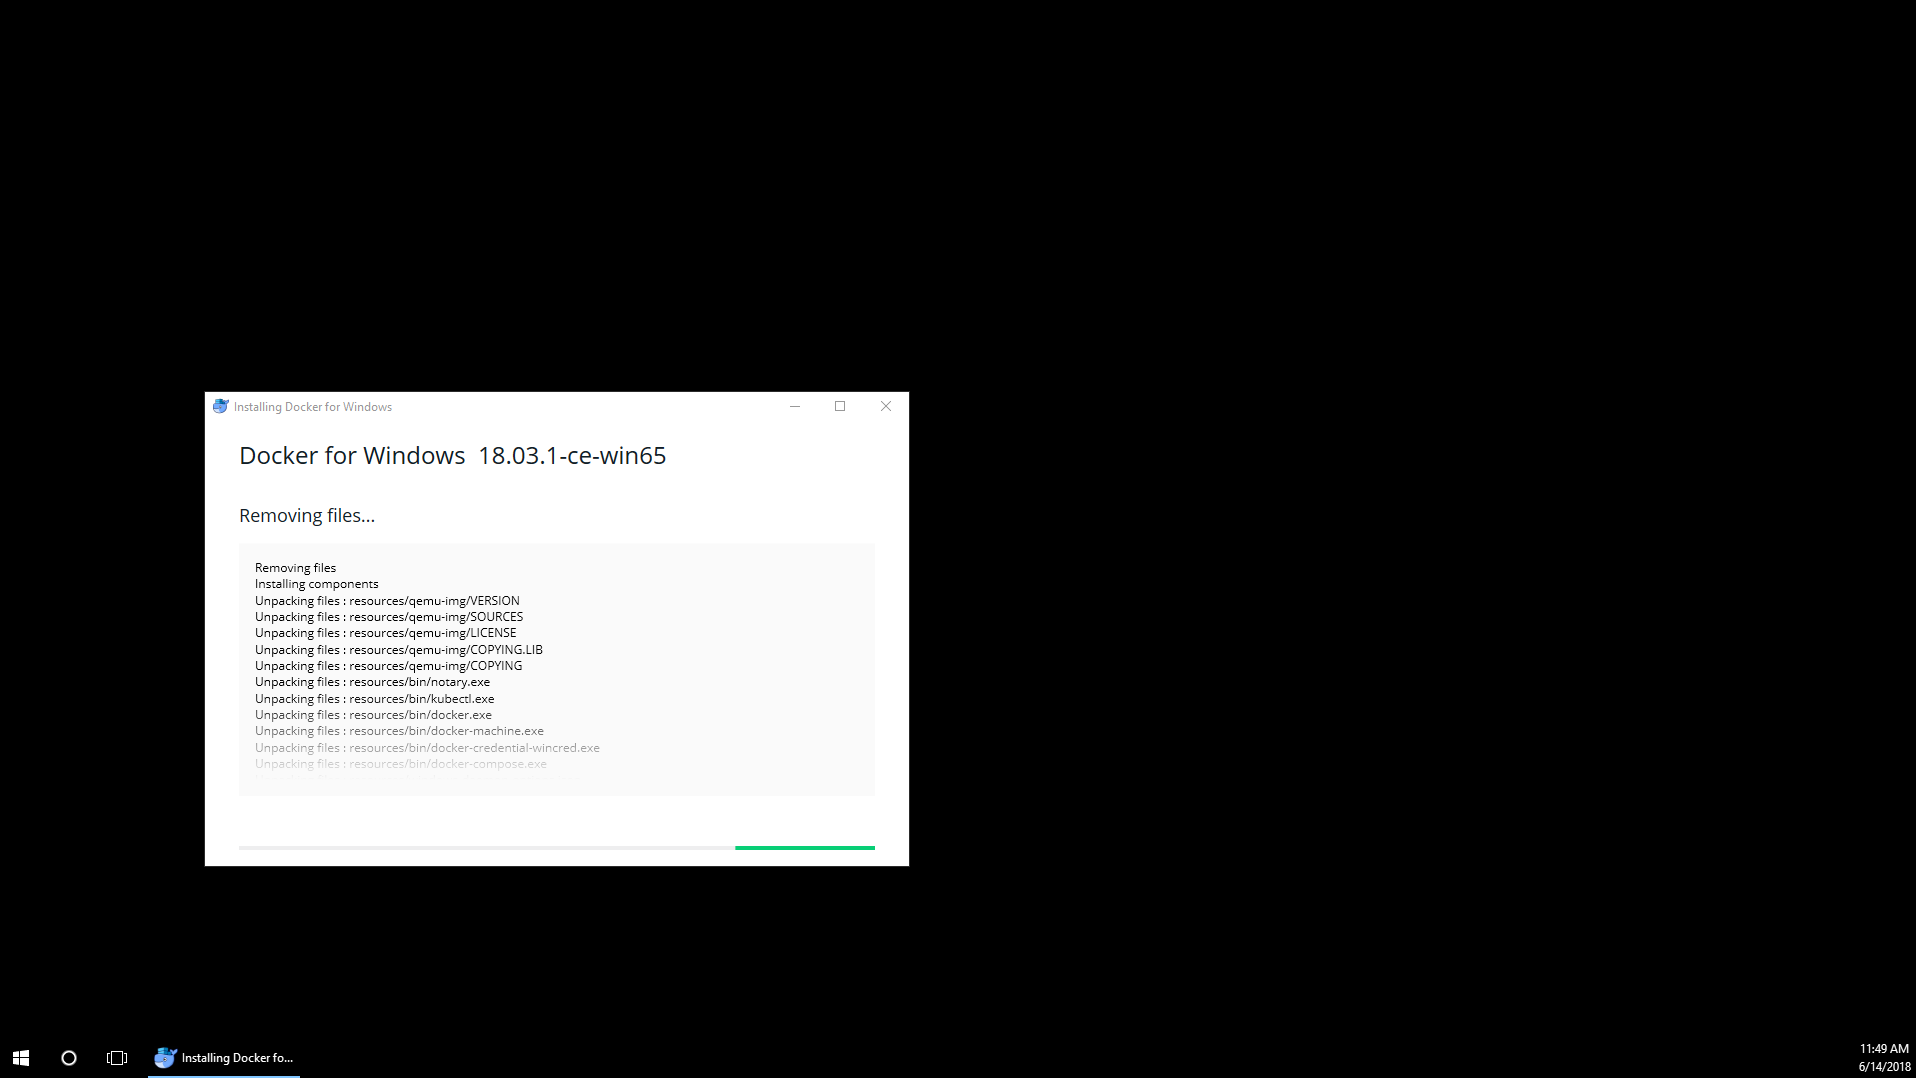 Docker for Windows hangs during